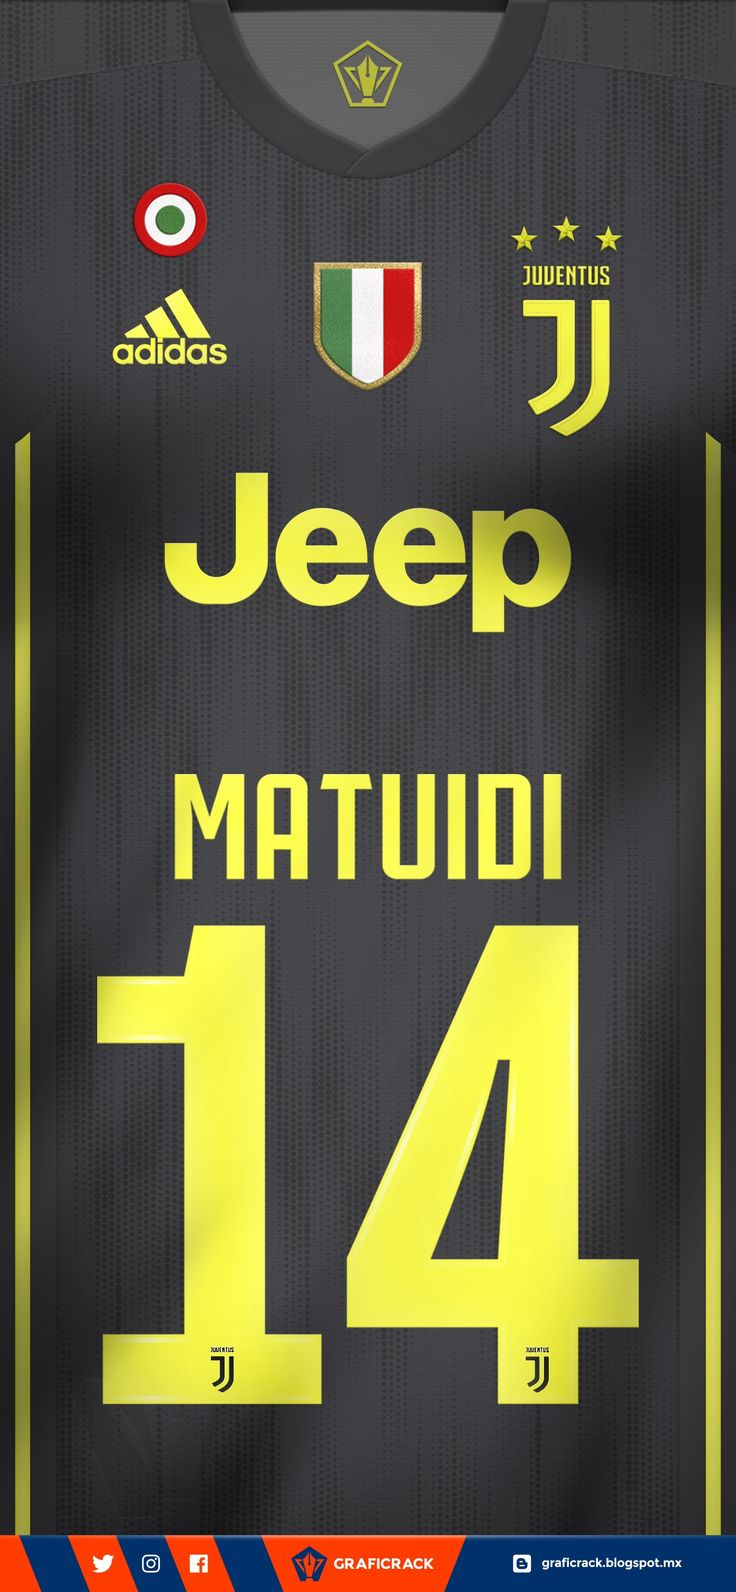 Épinglé sur Juventus